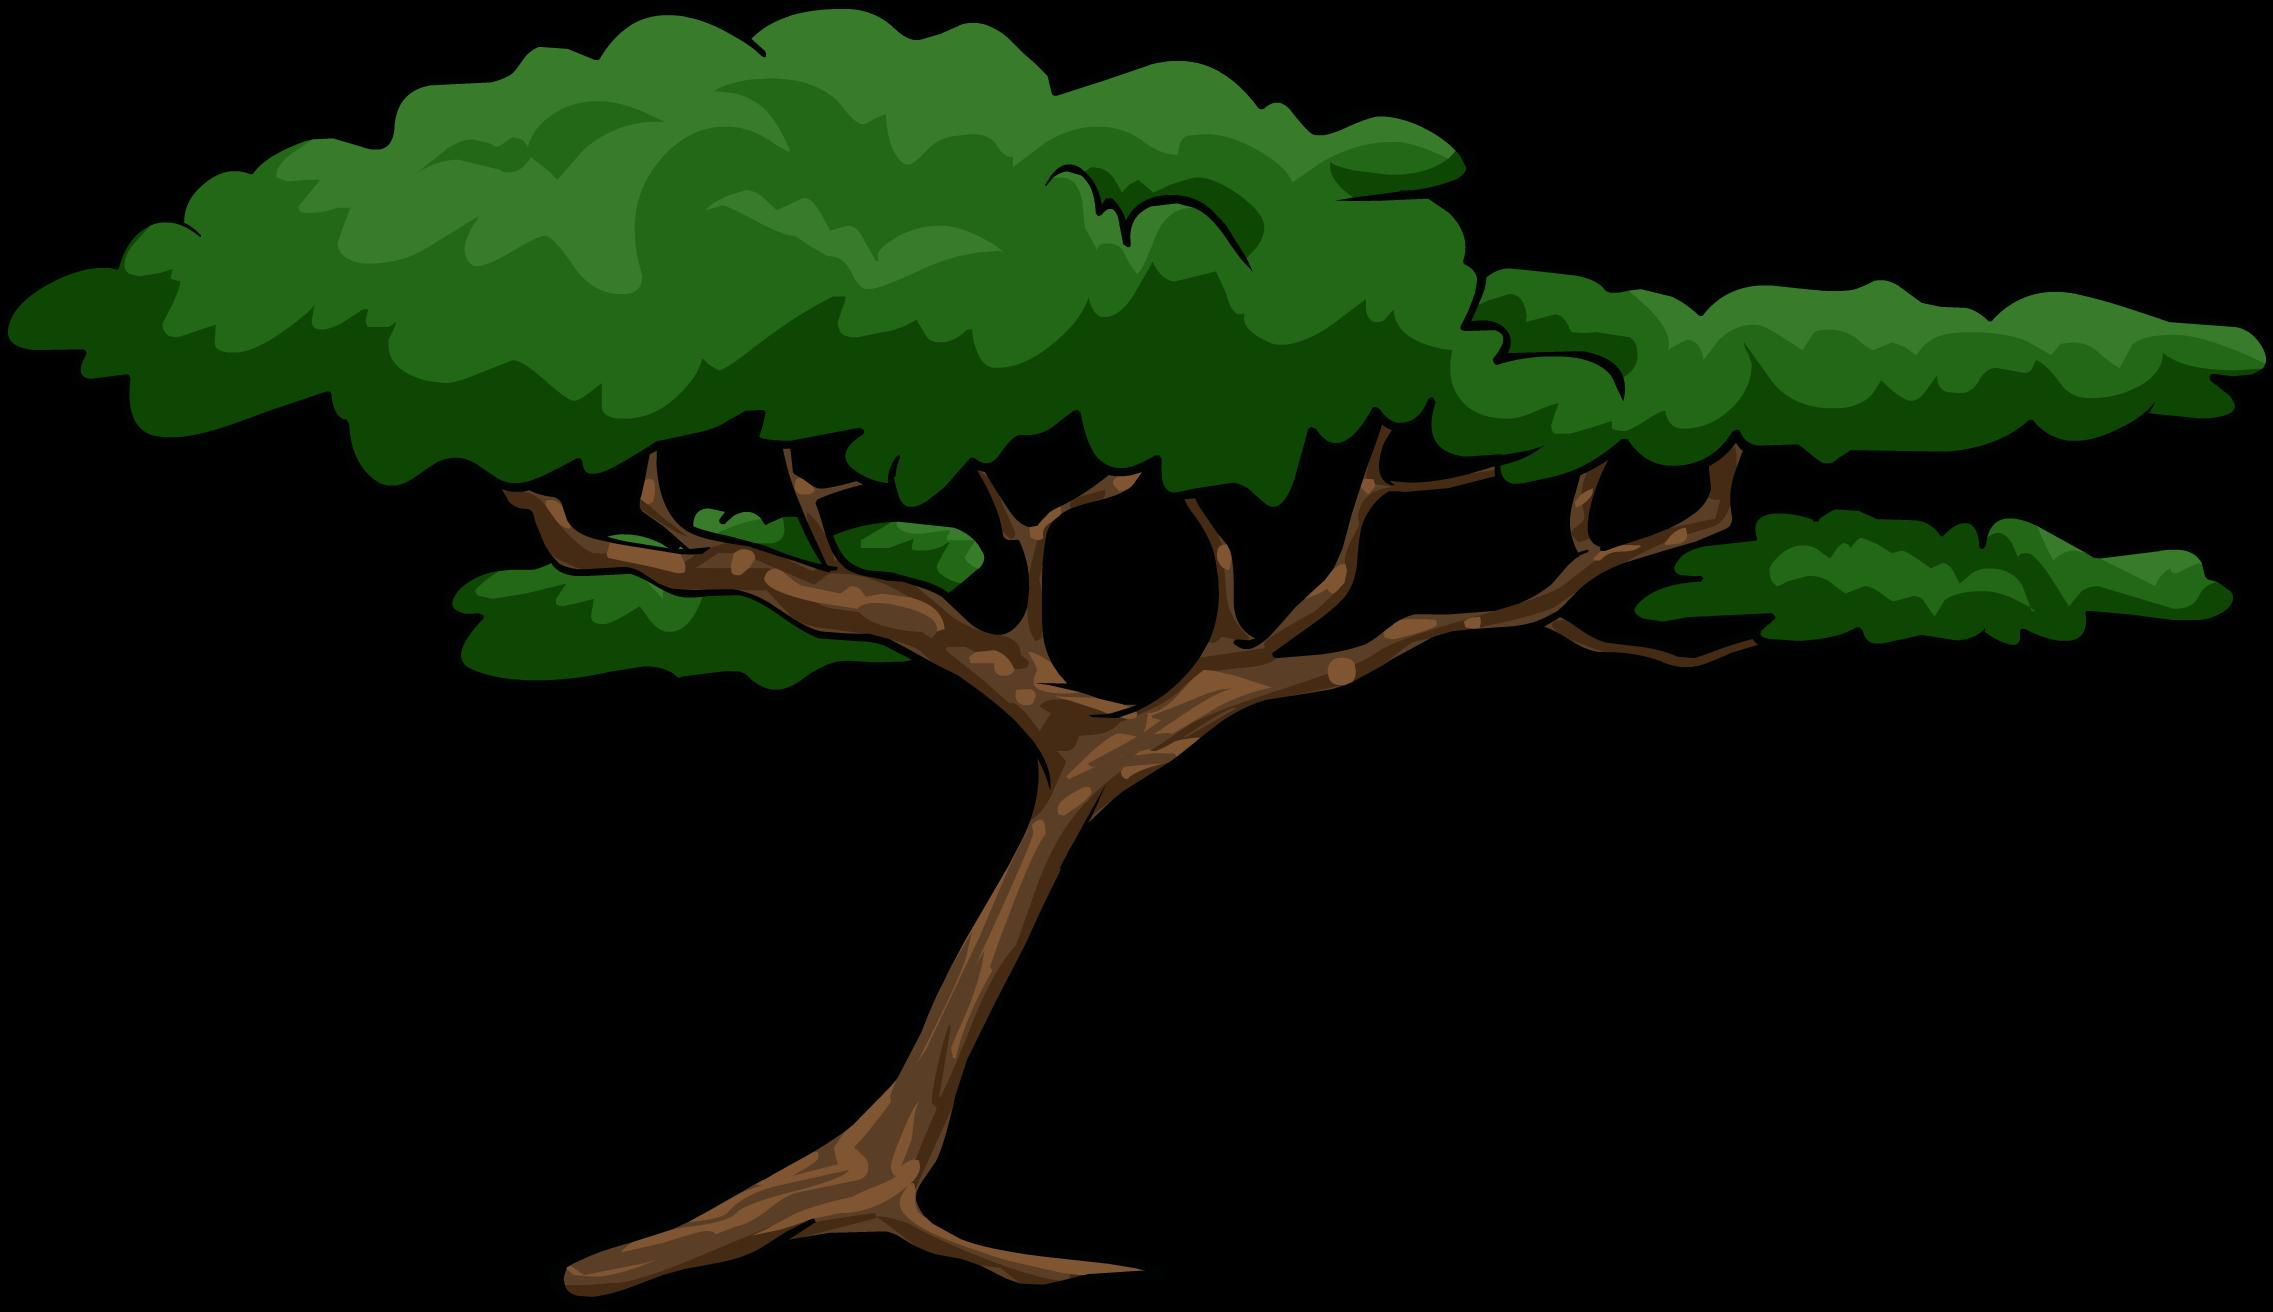 Acacia Tree Clipart.